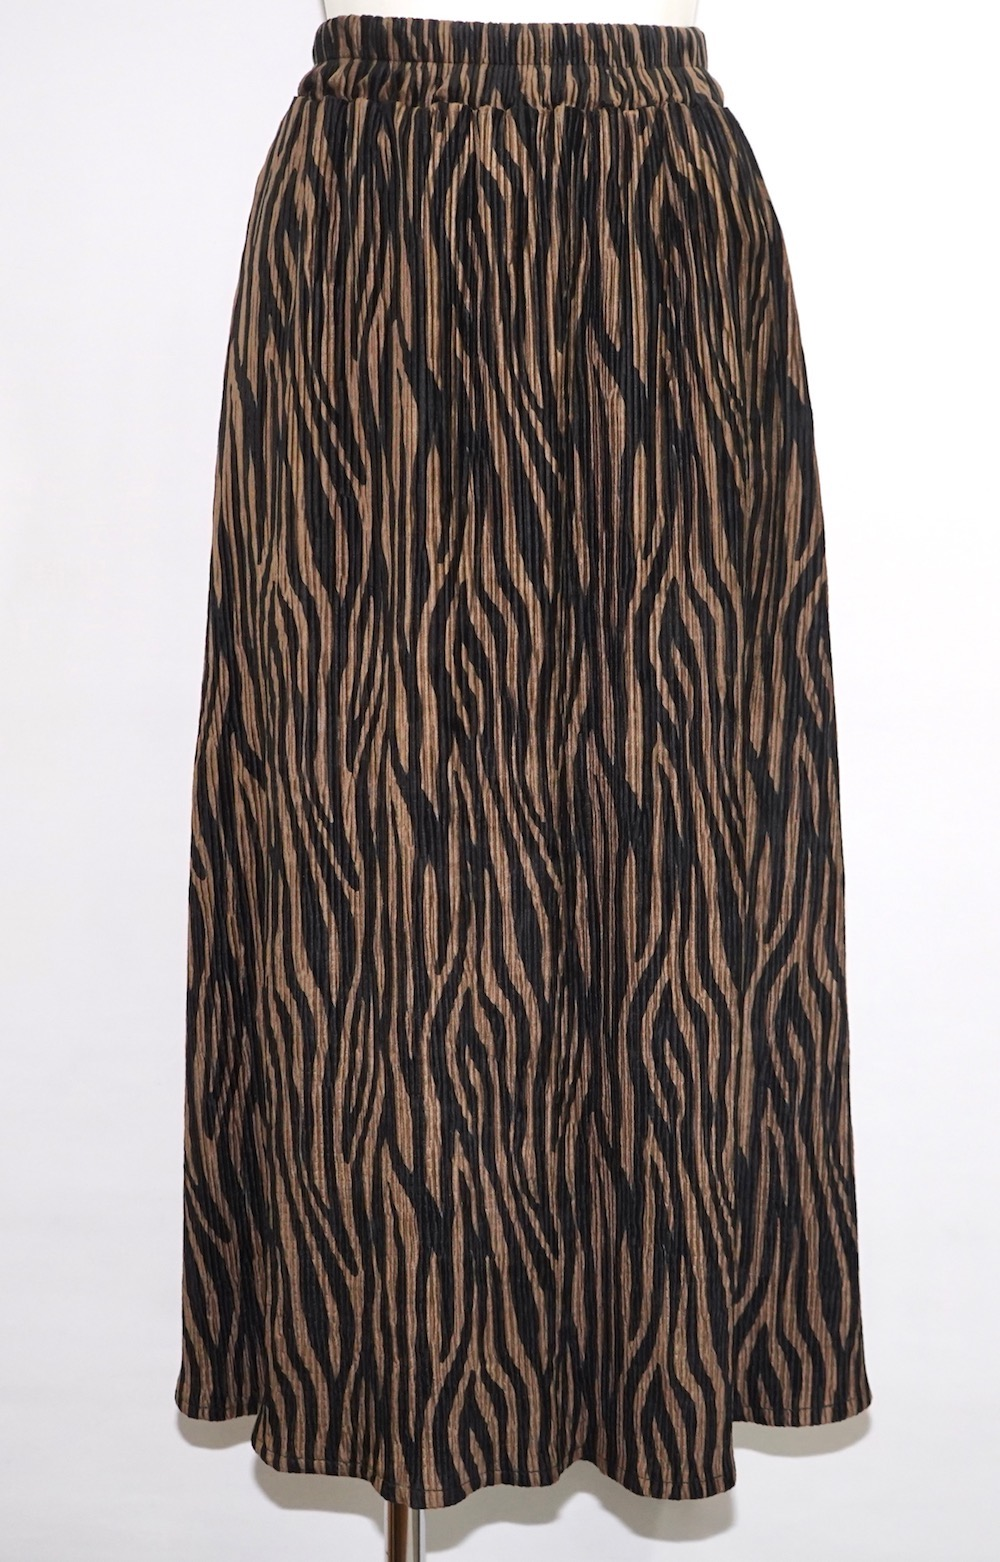 Zebra Velvet Pleats Long Skirt (brown)